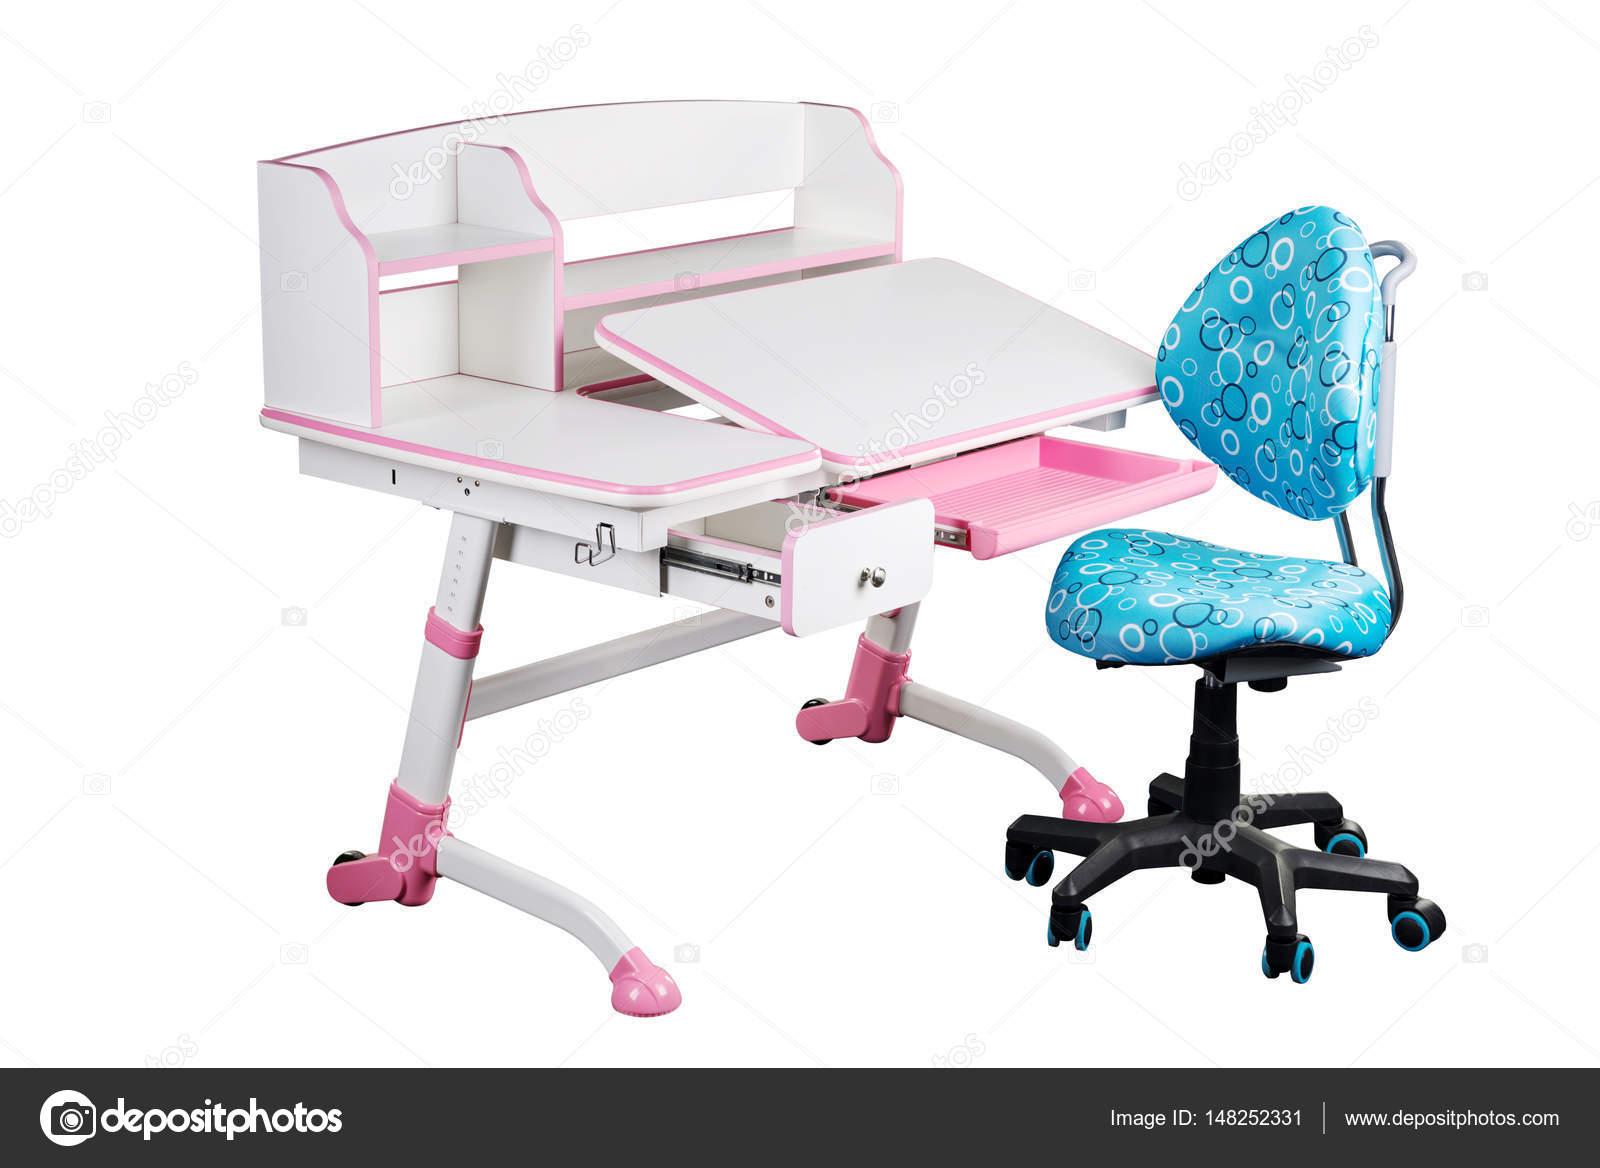 Blaue Schule Schreibtisch Und Blaue Sessel Stockfoto Eremey90